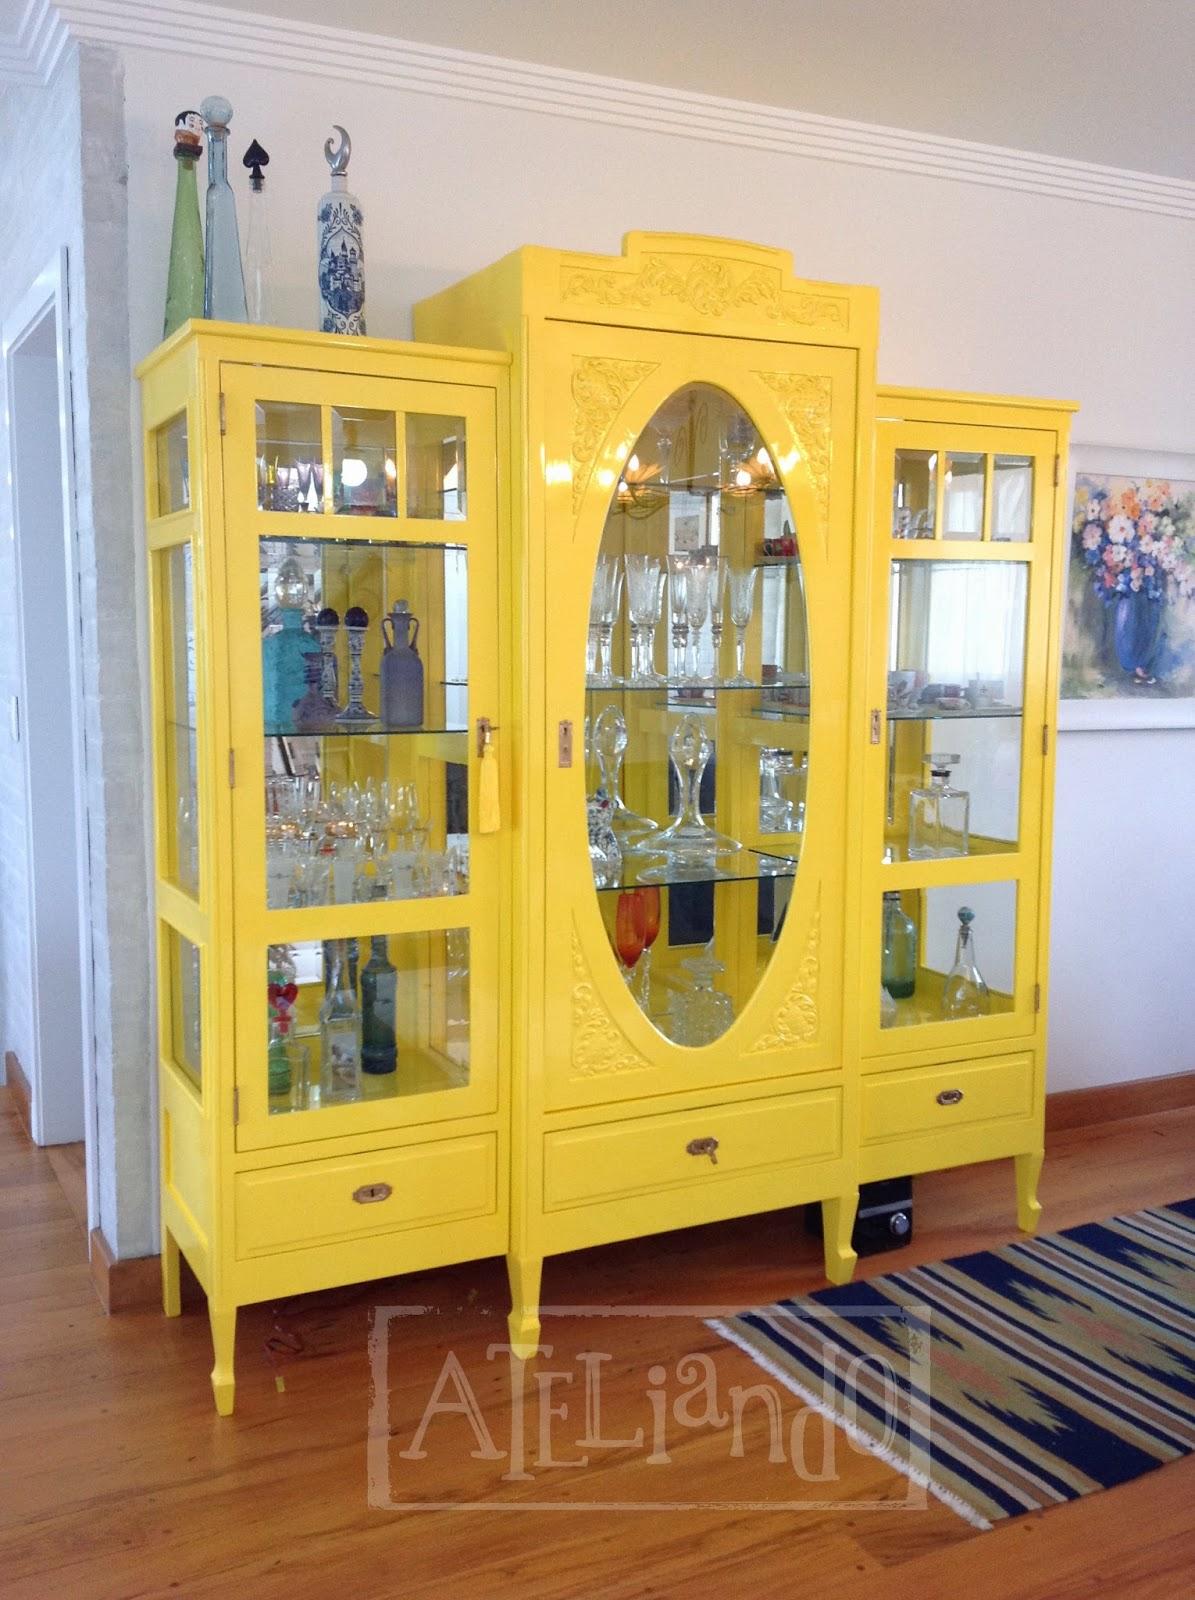 Ateliando Customização de móveis antigos: Guarda Roupa Antigo Art  #B49217 1195x1600